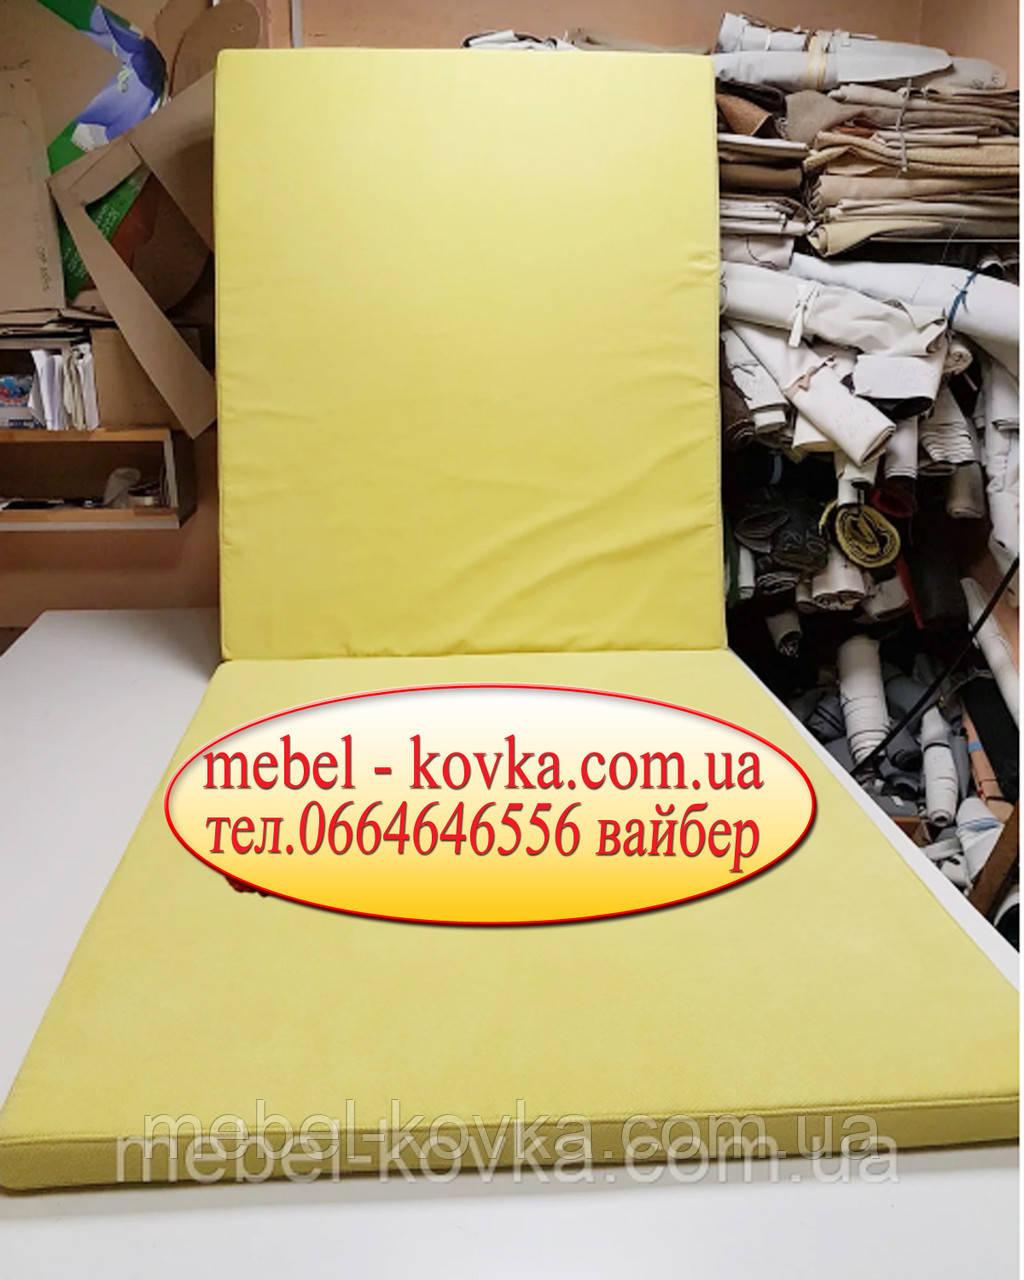 Матрац-подушка на підвіконня складна 2800х850мм